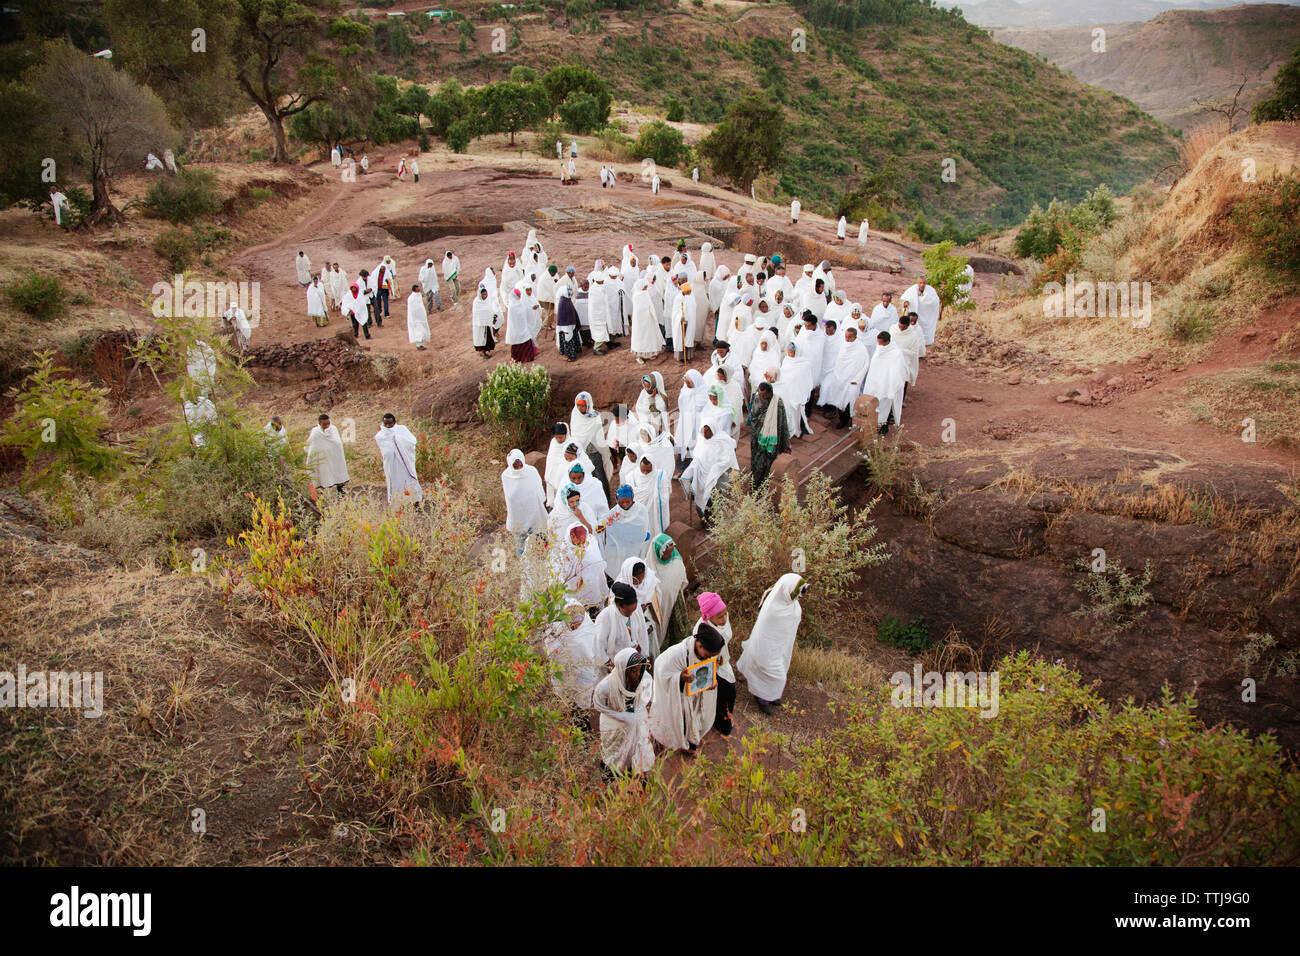 Hohe Betrachtungswinkel der Pilger zu Fuß auf den Berg Stockbild